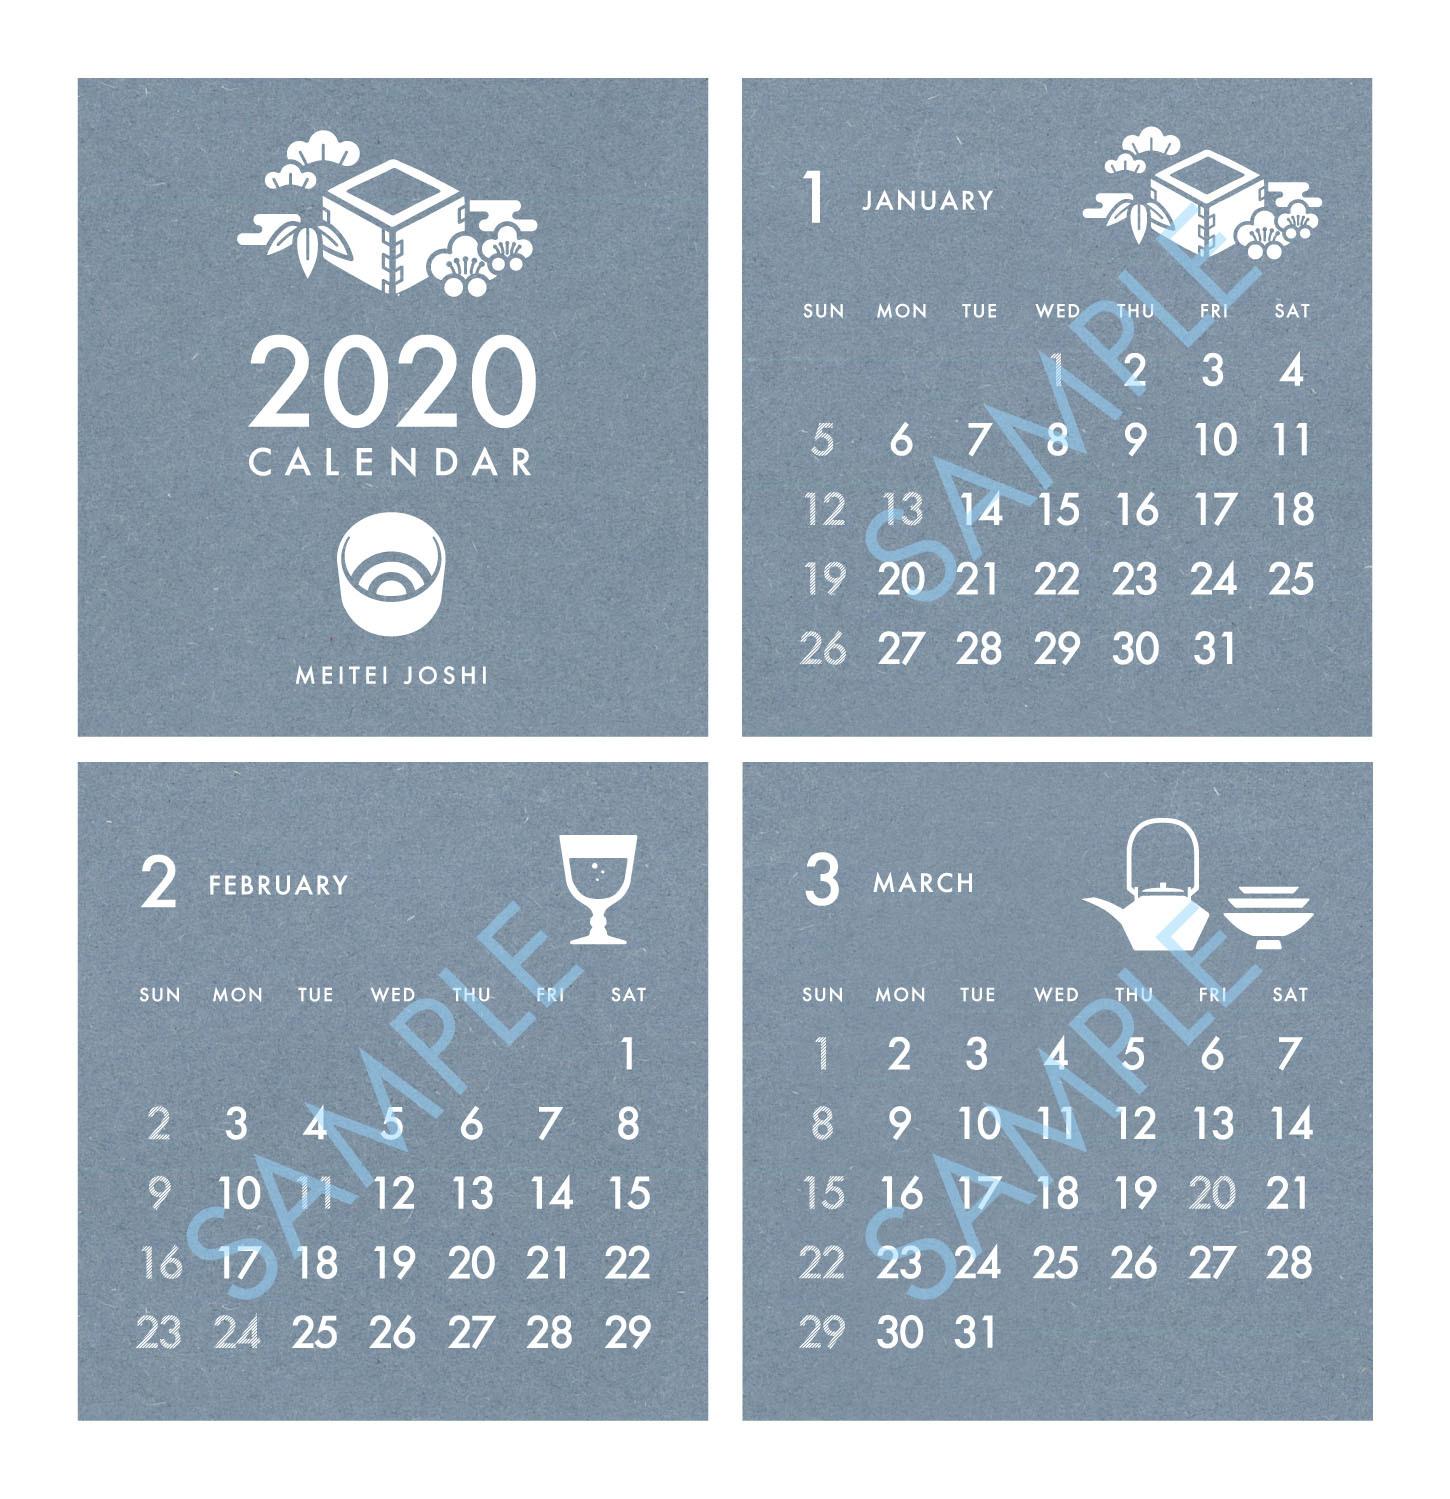 C97 新グッズ 2020酩酊女子酒器カレンダー_b0204714_13495033.jpg